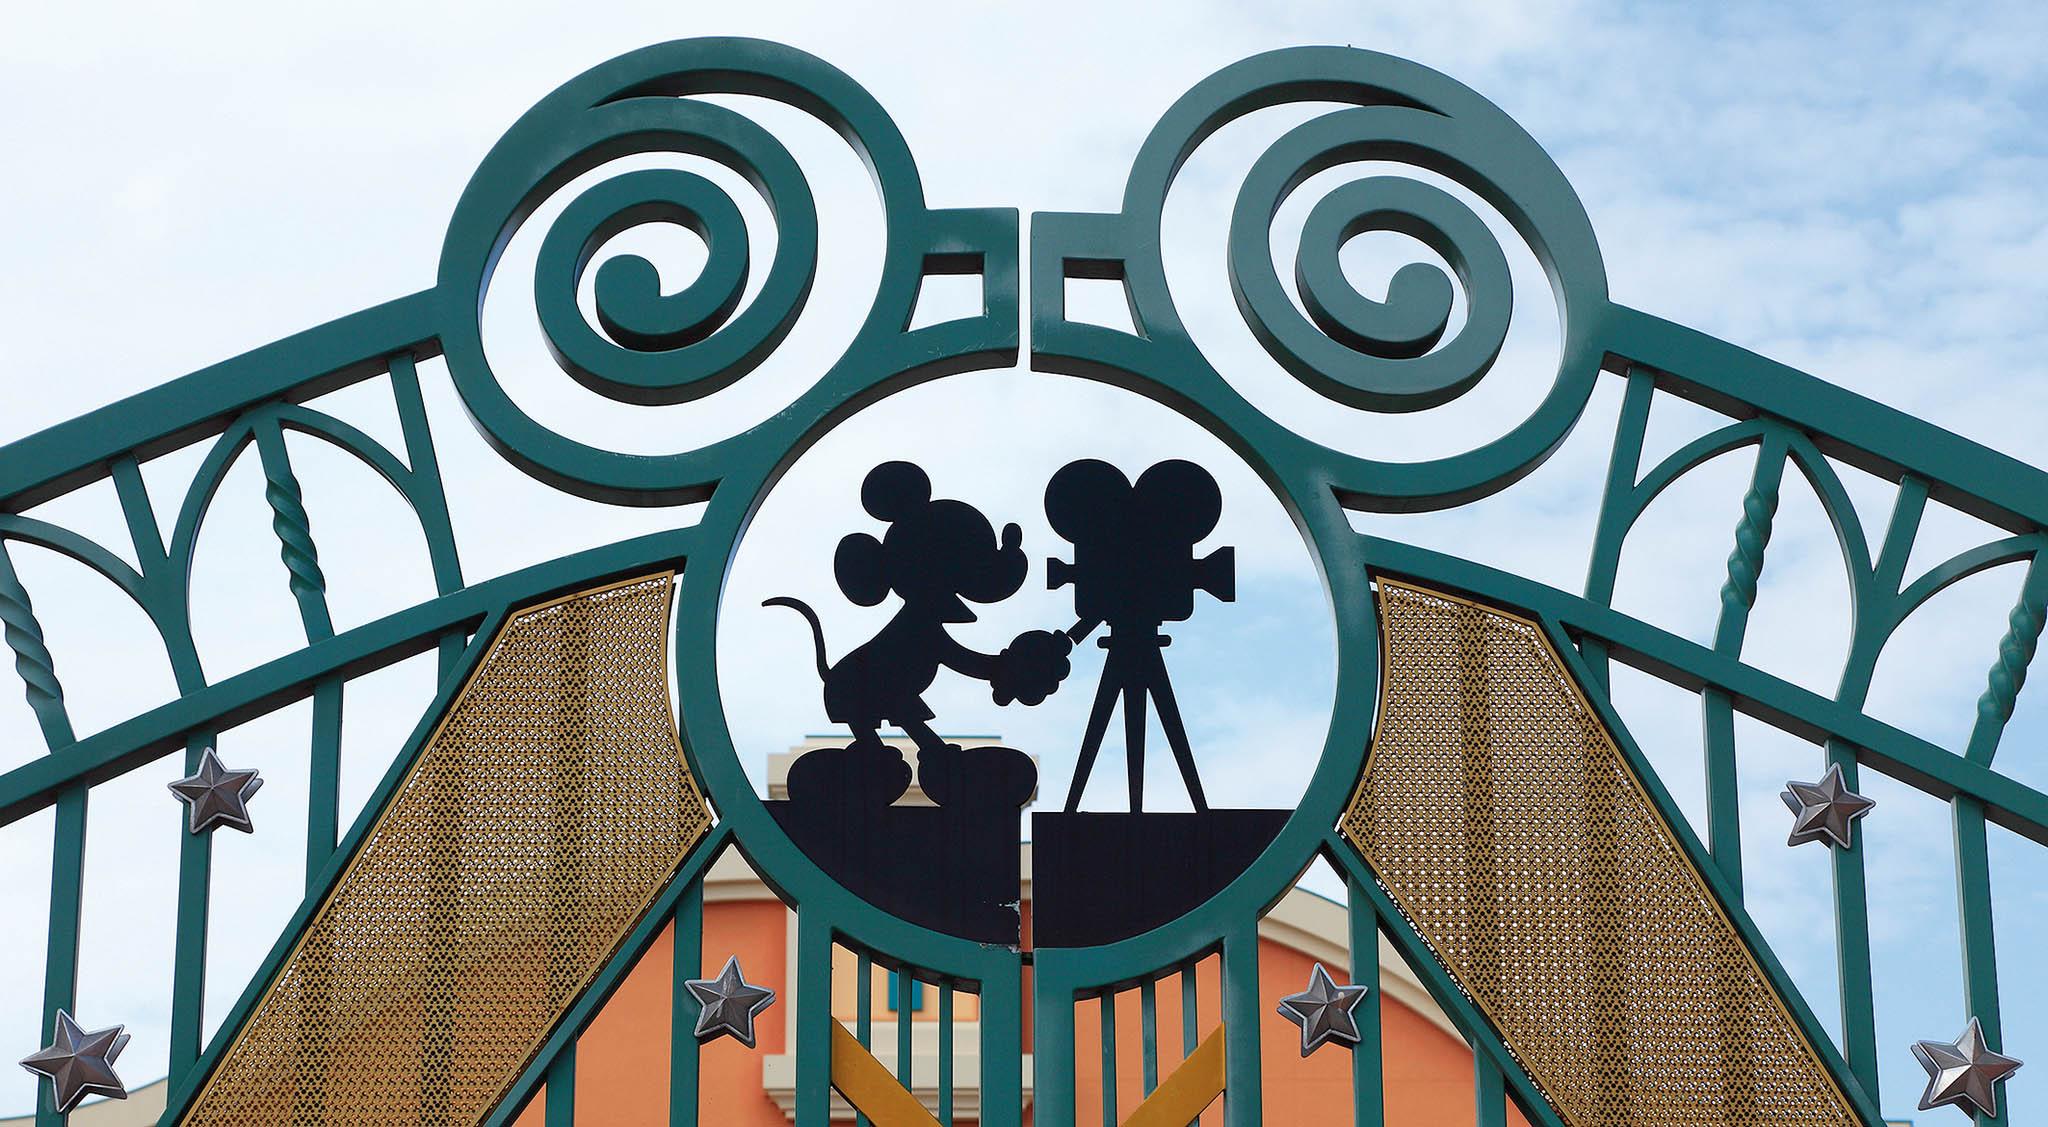 Nadělí Walt Disney opět investorům zklamání?